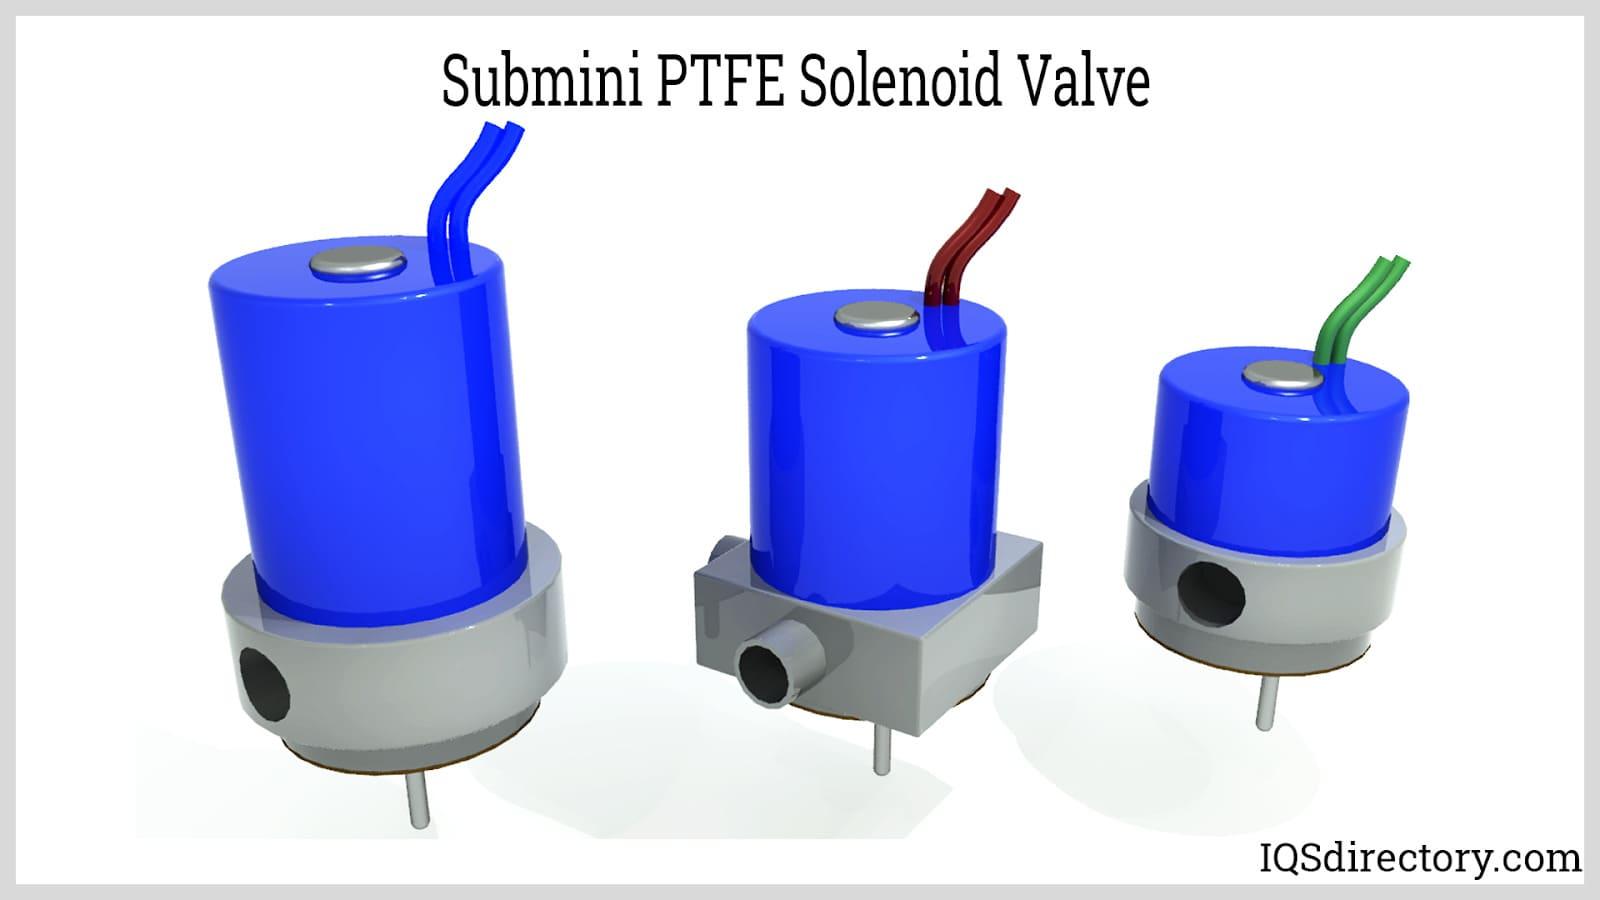 Submini PTFE Solenoid Valve